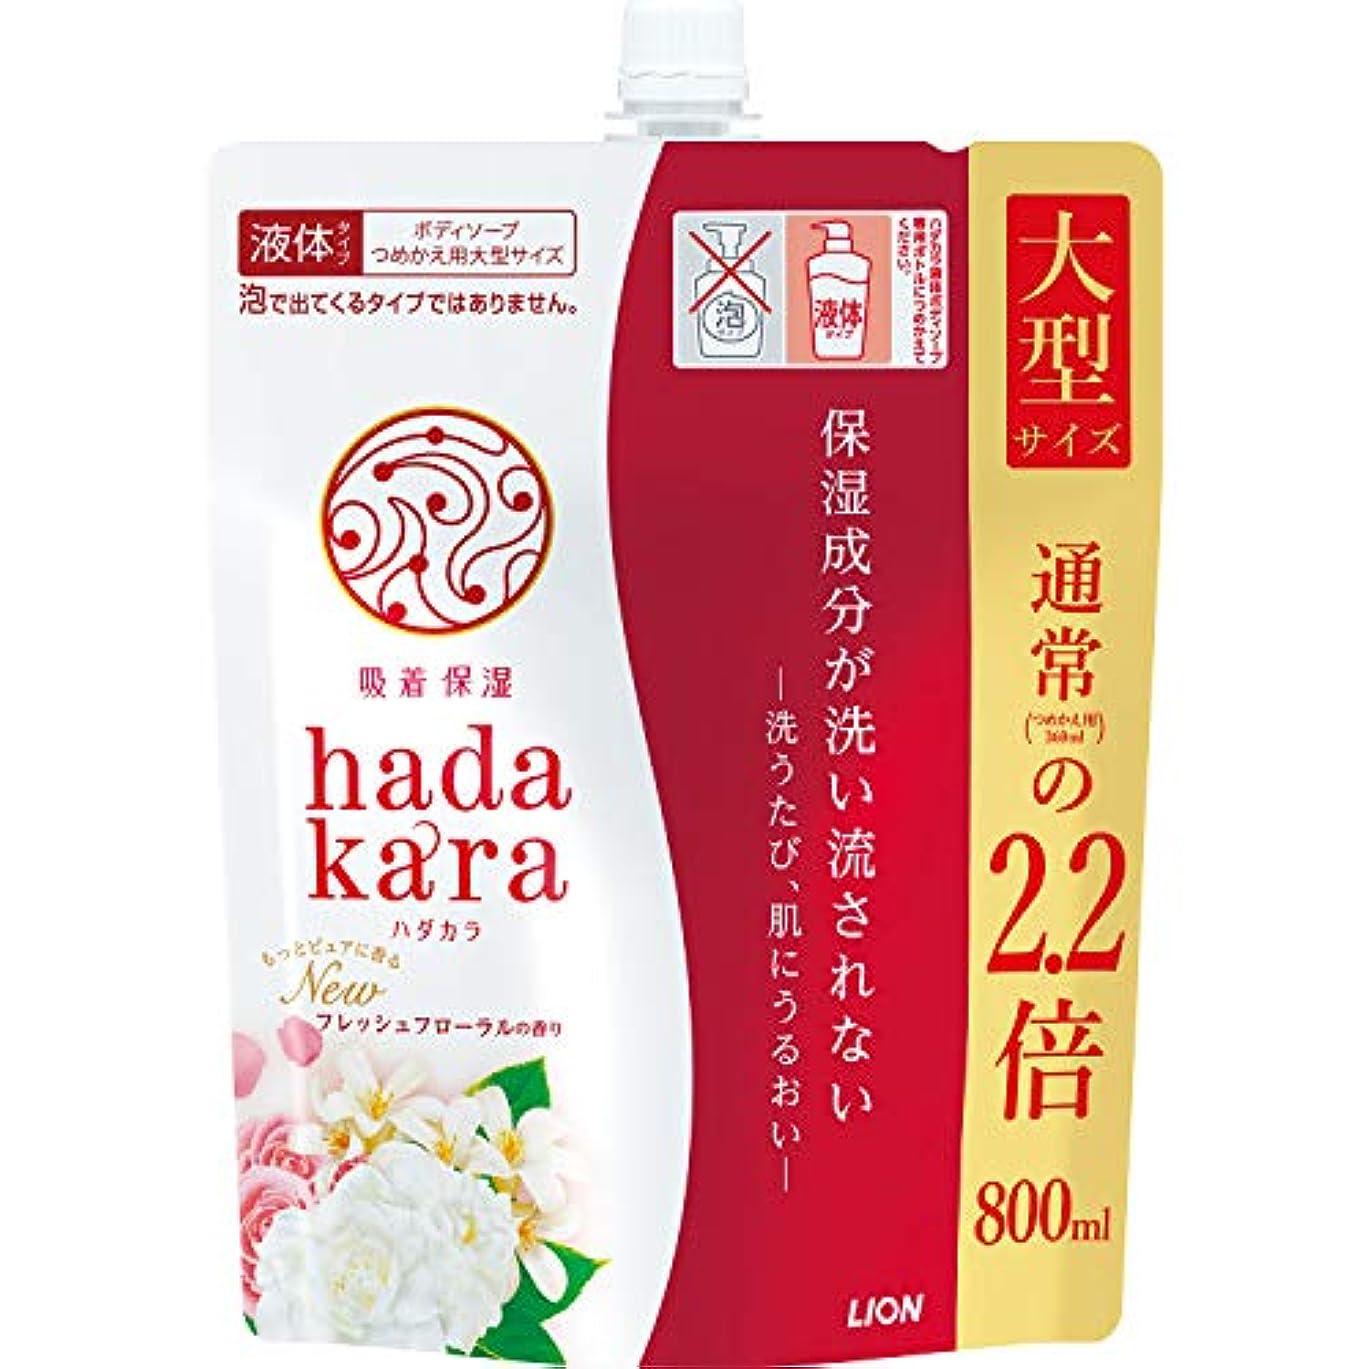 曲流星技術hadakara(ハダカラ) ボディソープ フレッシュフローラルの香り つめかえ用大型サイズ 800ml